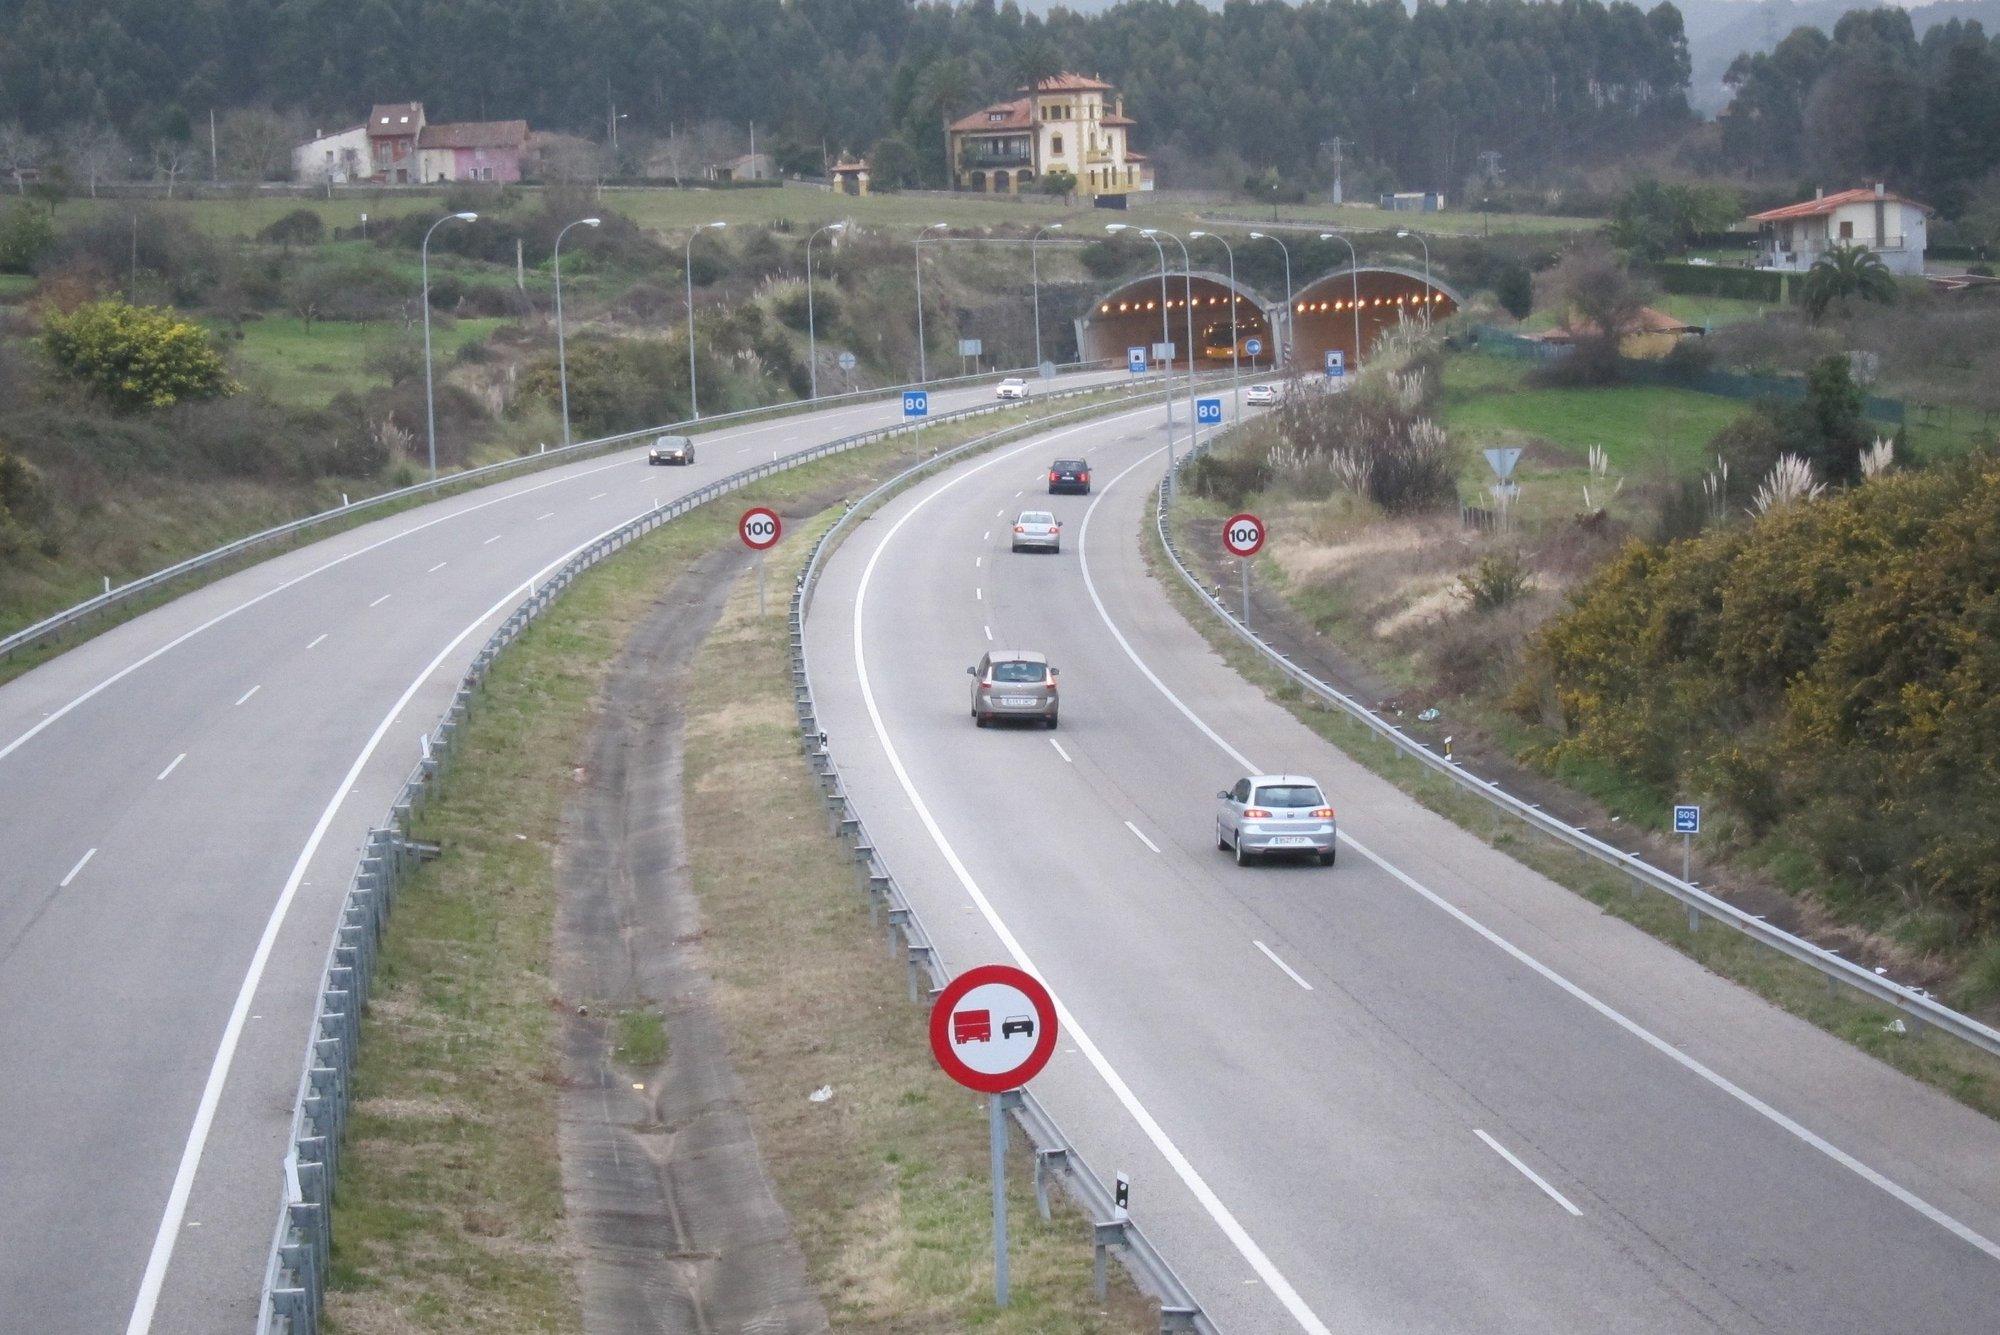 Tranquilidad en las carreteras españolas al término de la segunda jornada de la operación salida